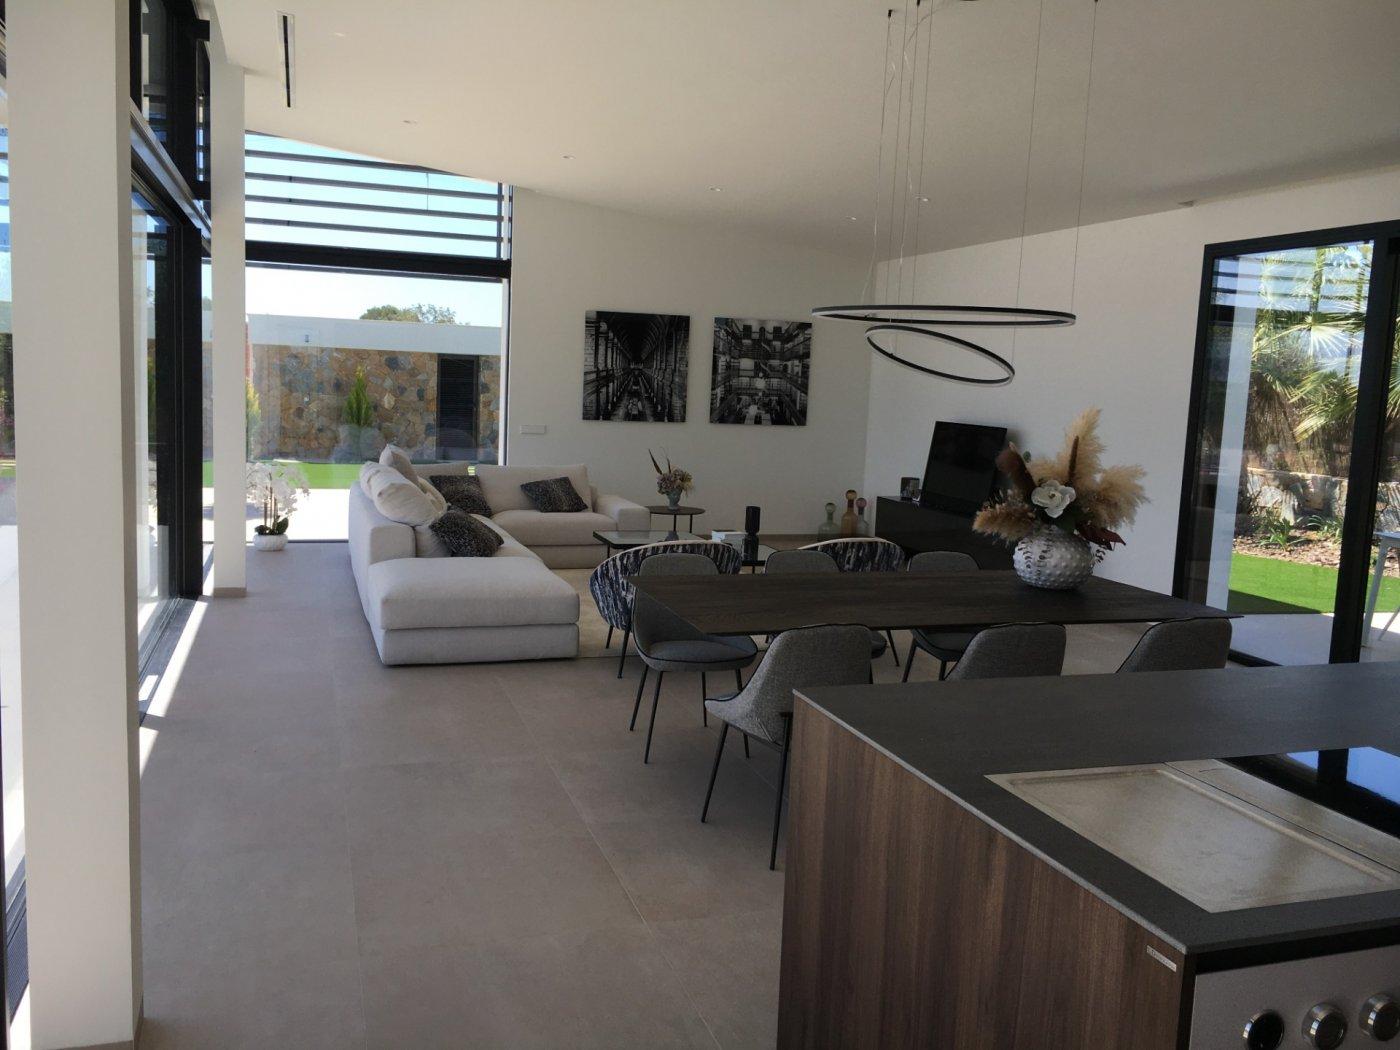 Villa de lujo en primera linea de golf - las colinas - imagenInmueble1